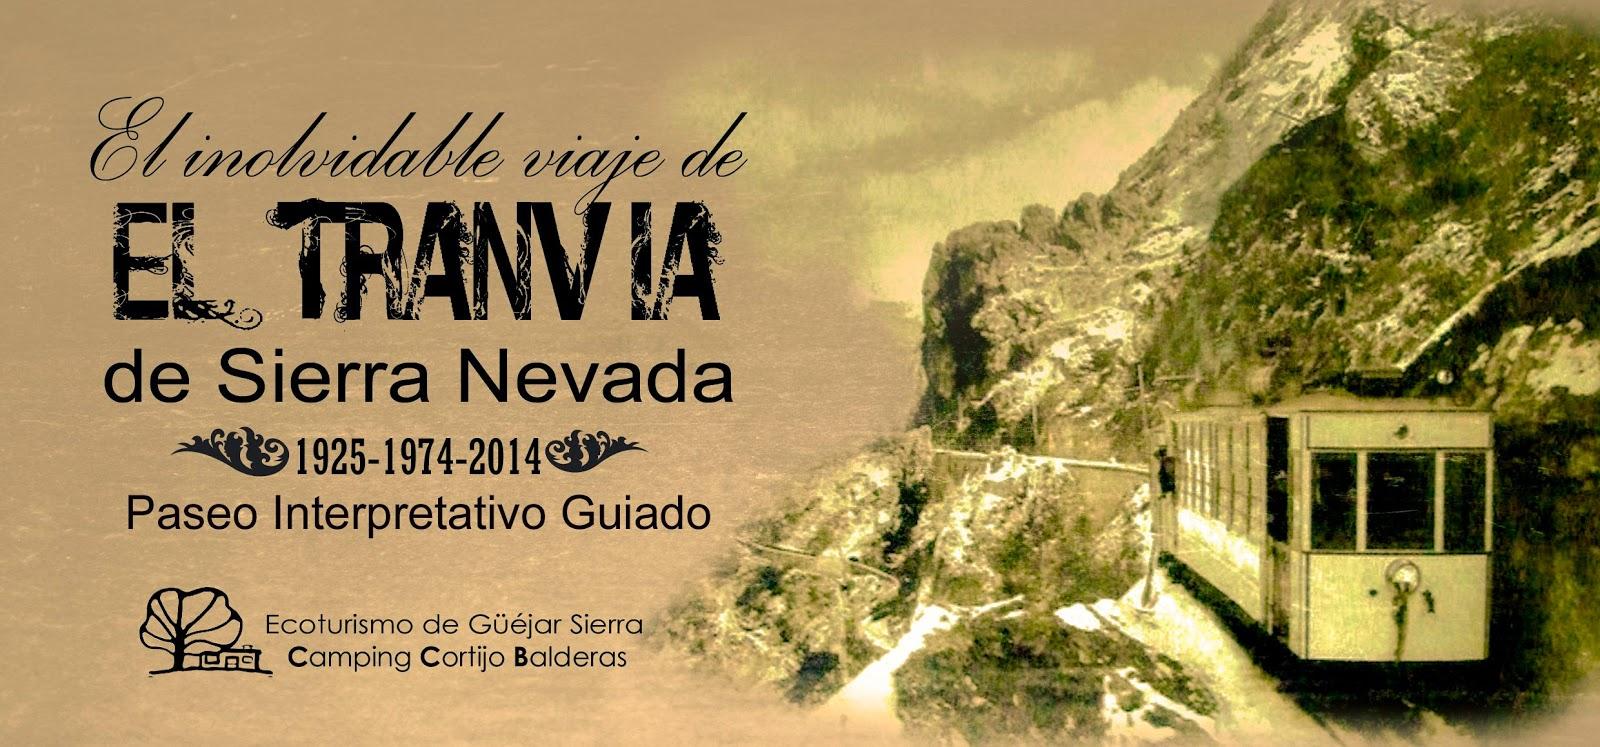 El inolvidable viaje del Tranvia de Sierra Nevada